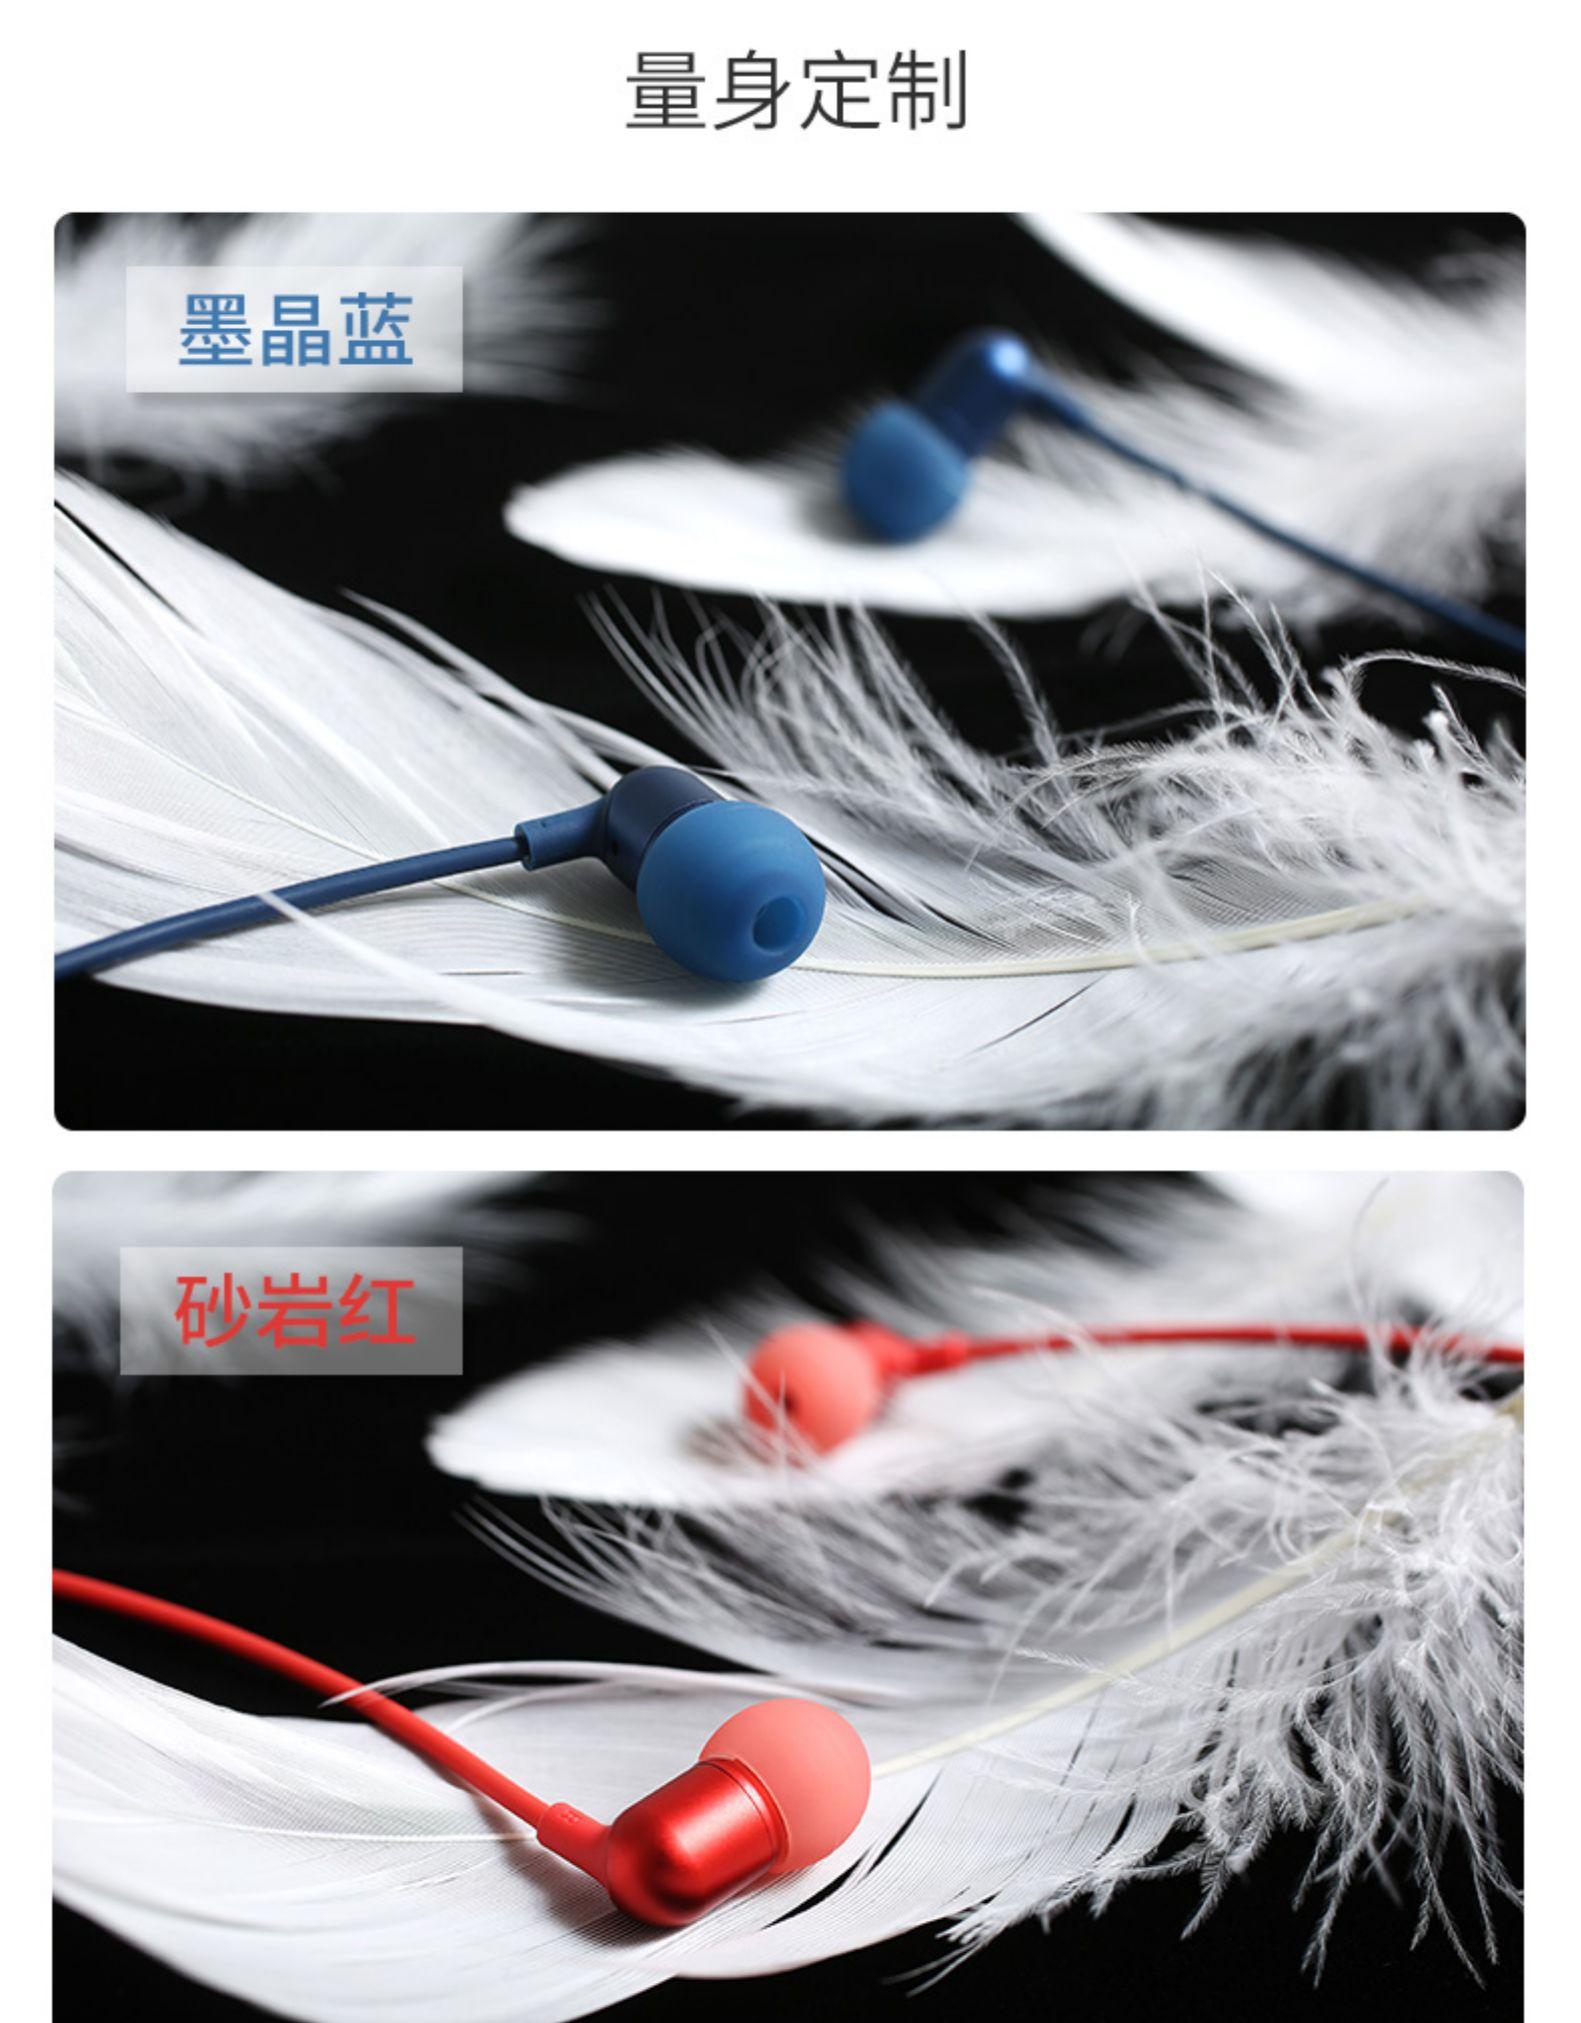 网易云音乐 青春氧气HIFI入耳式耳机 欧洲声压认证 图8